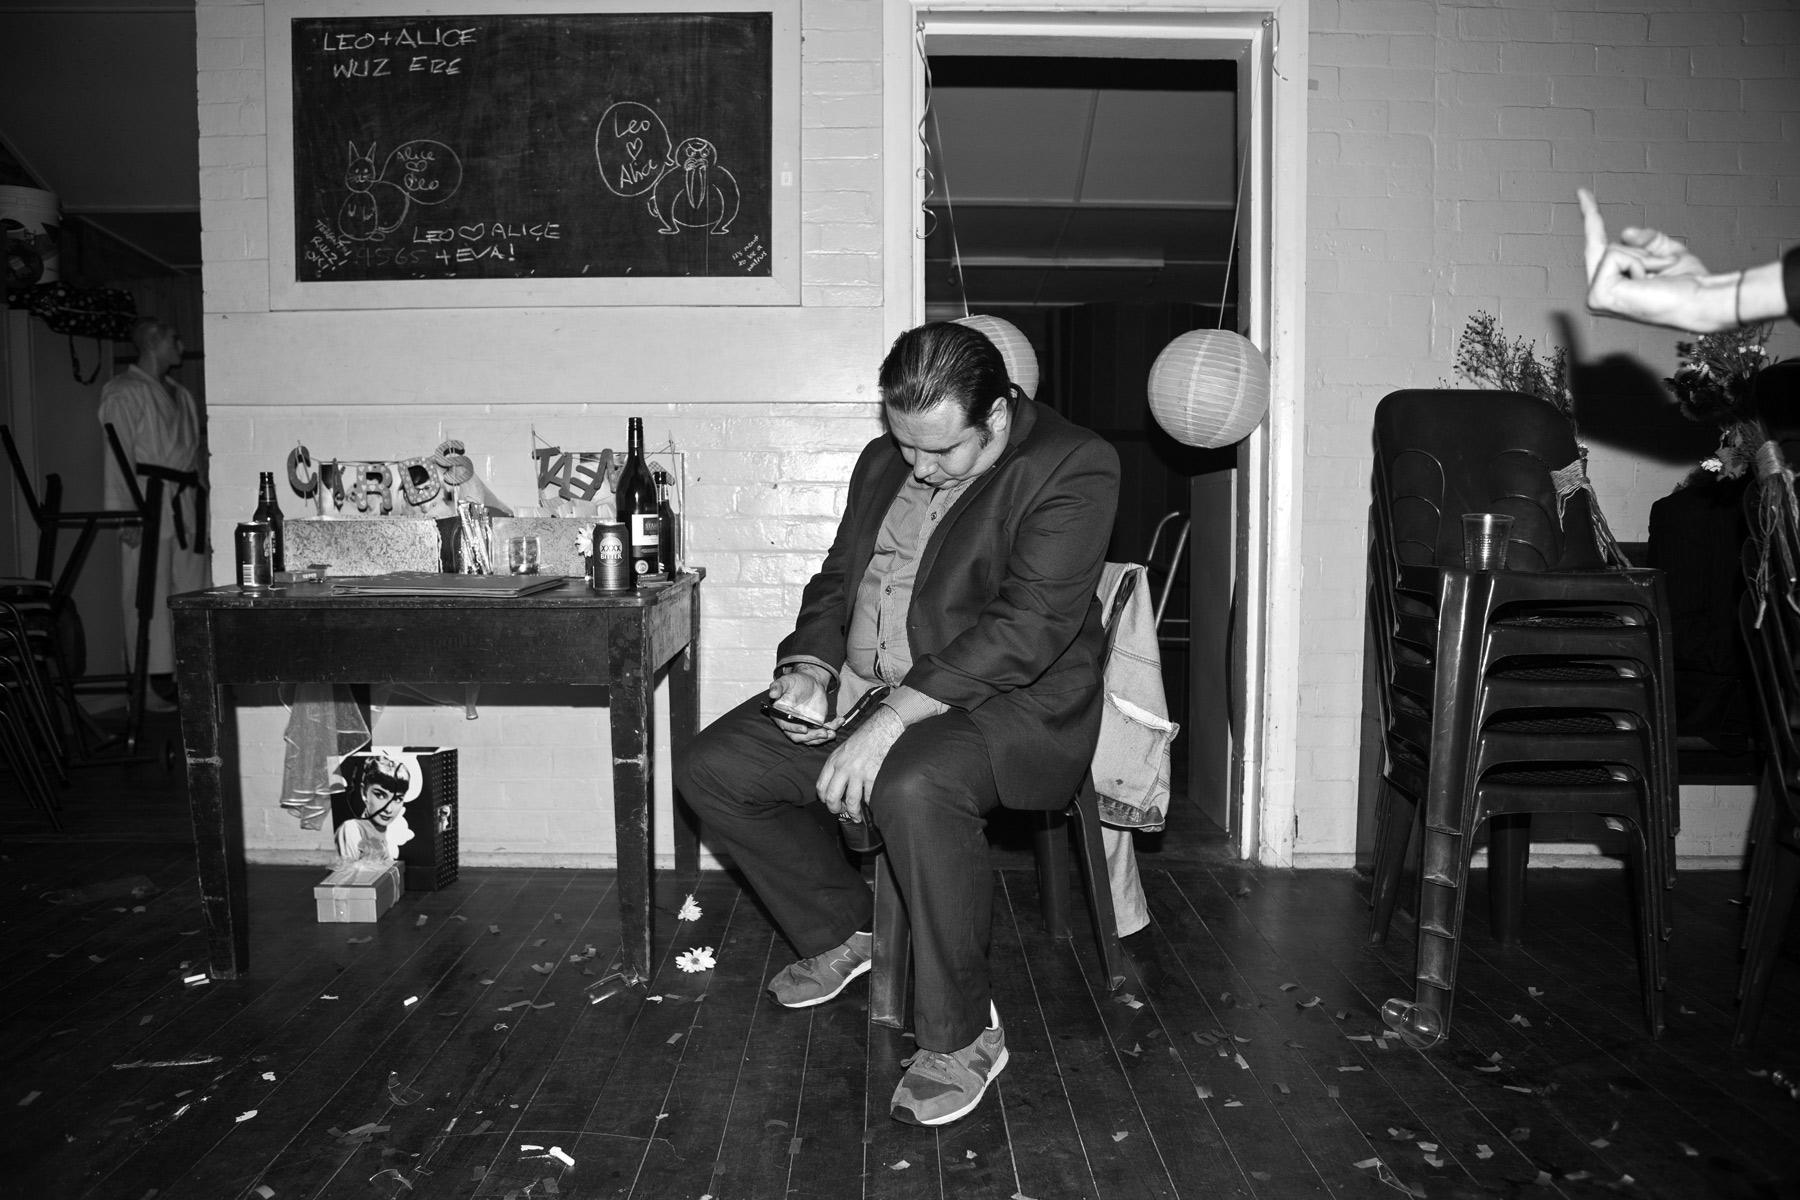 A man asleep in a chair